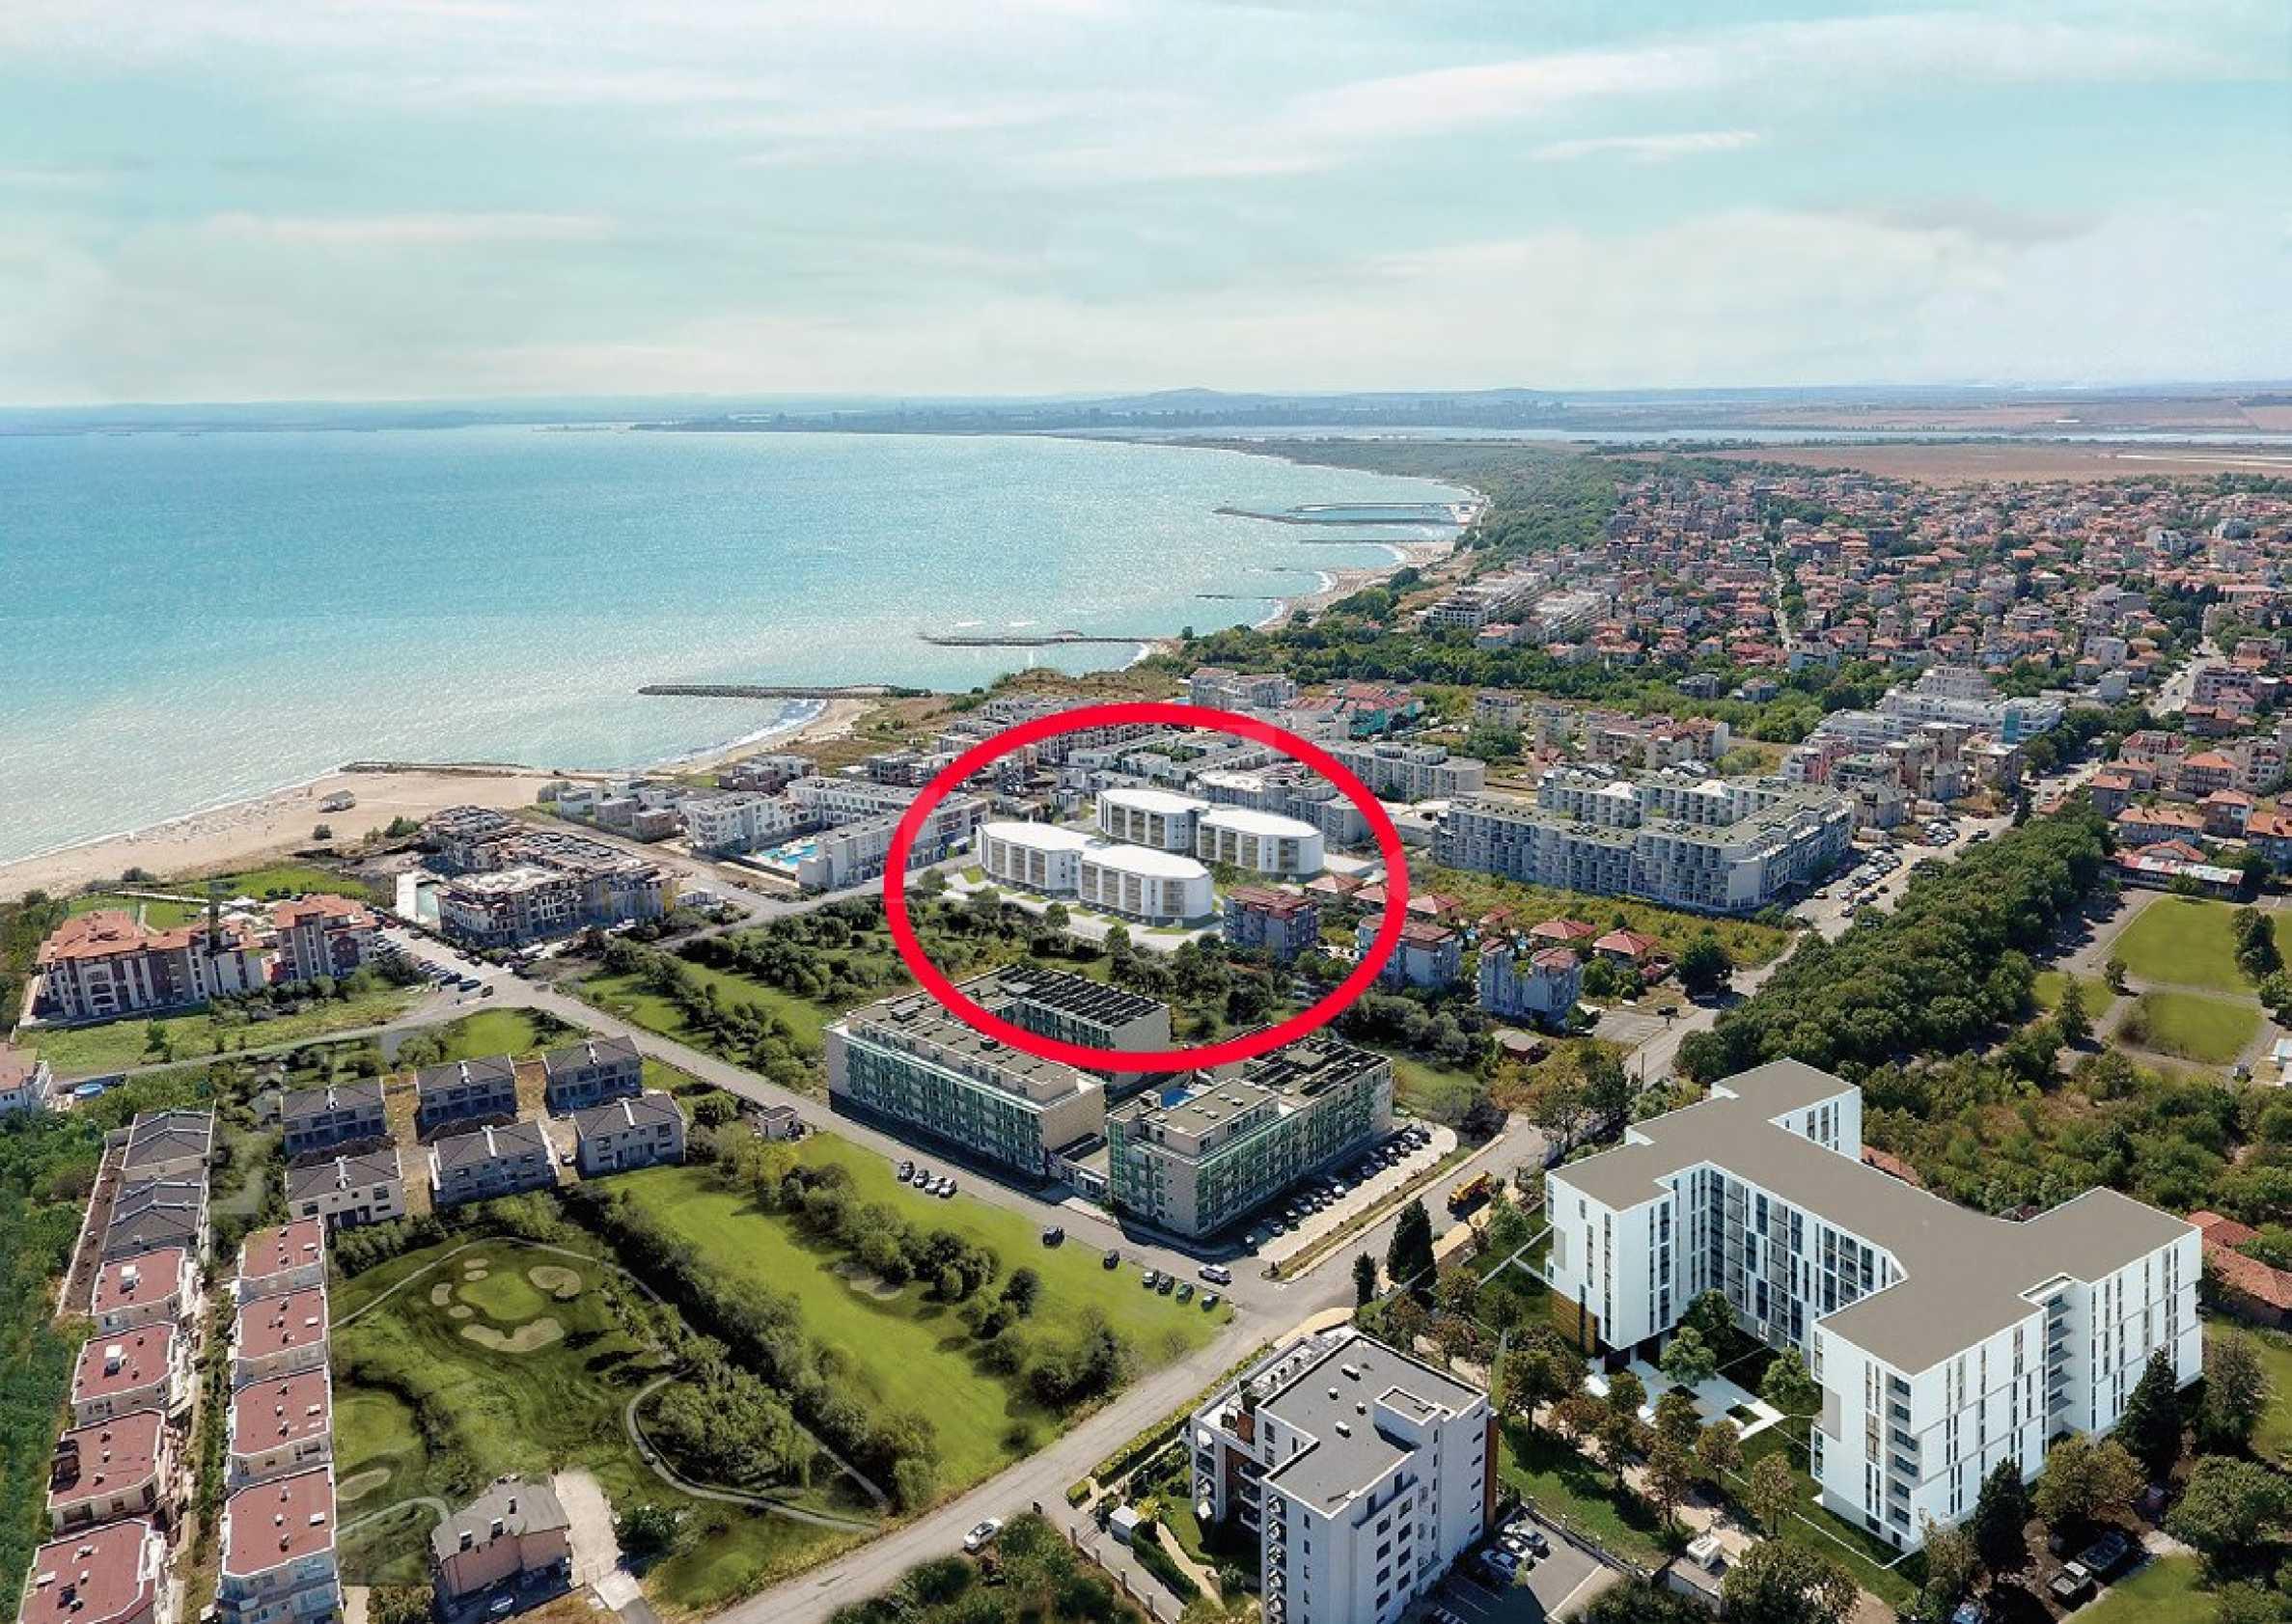 Модерен комплекс с комфортни апартаменти на 100 метра от плажа2 - Stonehard